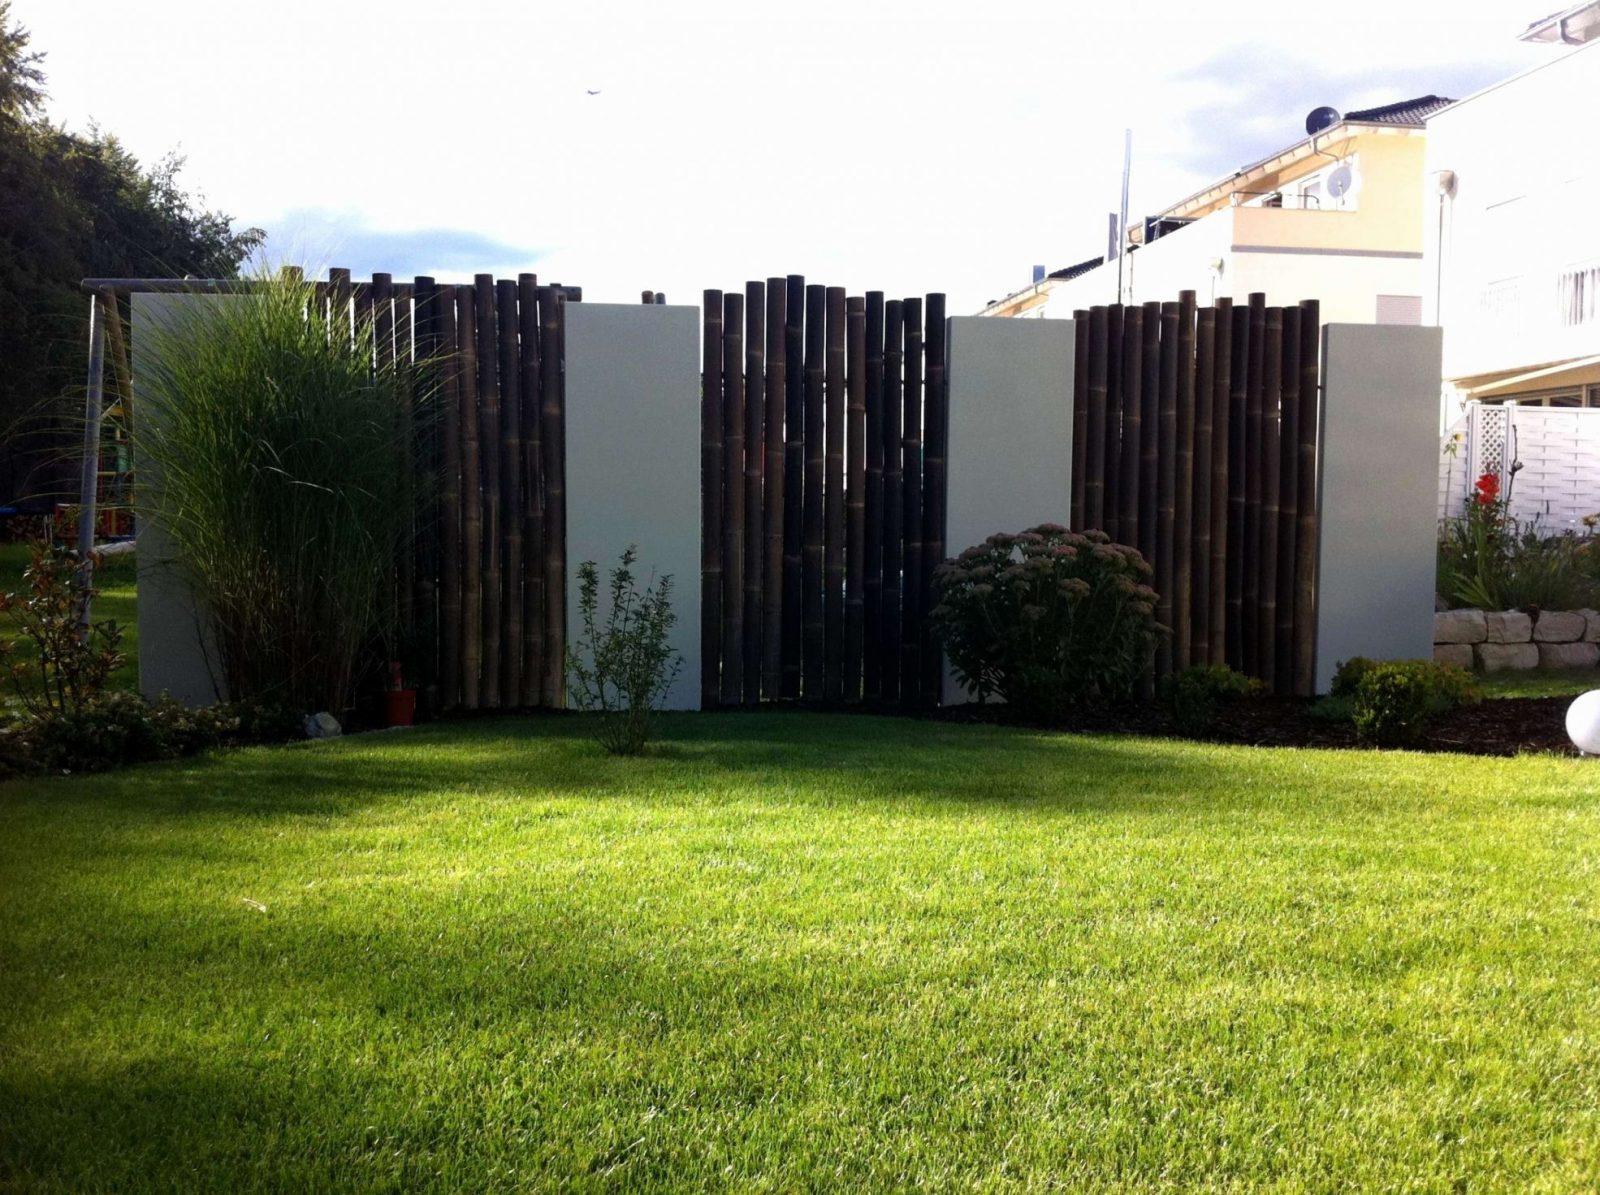 Moderner Garten Sichtschutz Elegant Gartengestaltung Modern von Moderner Sichtschutz Im Garten Photo